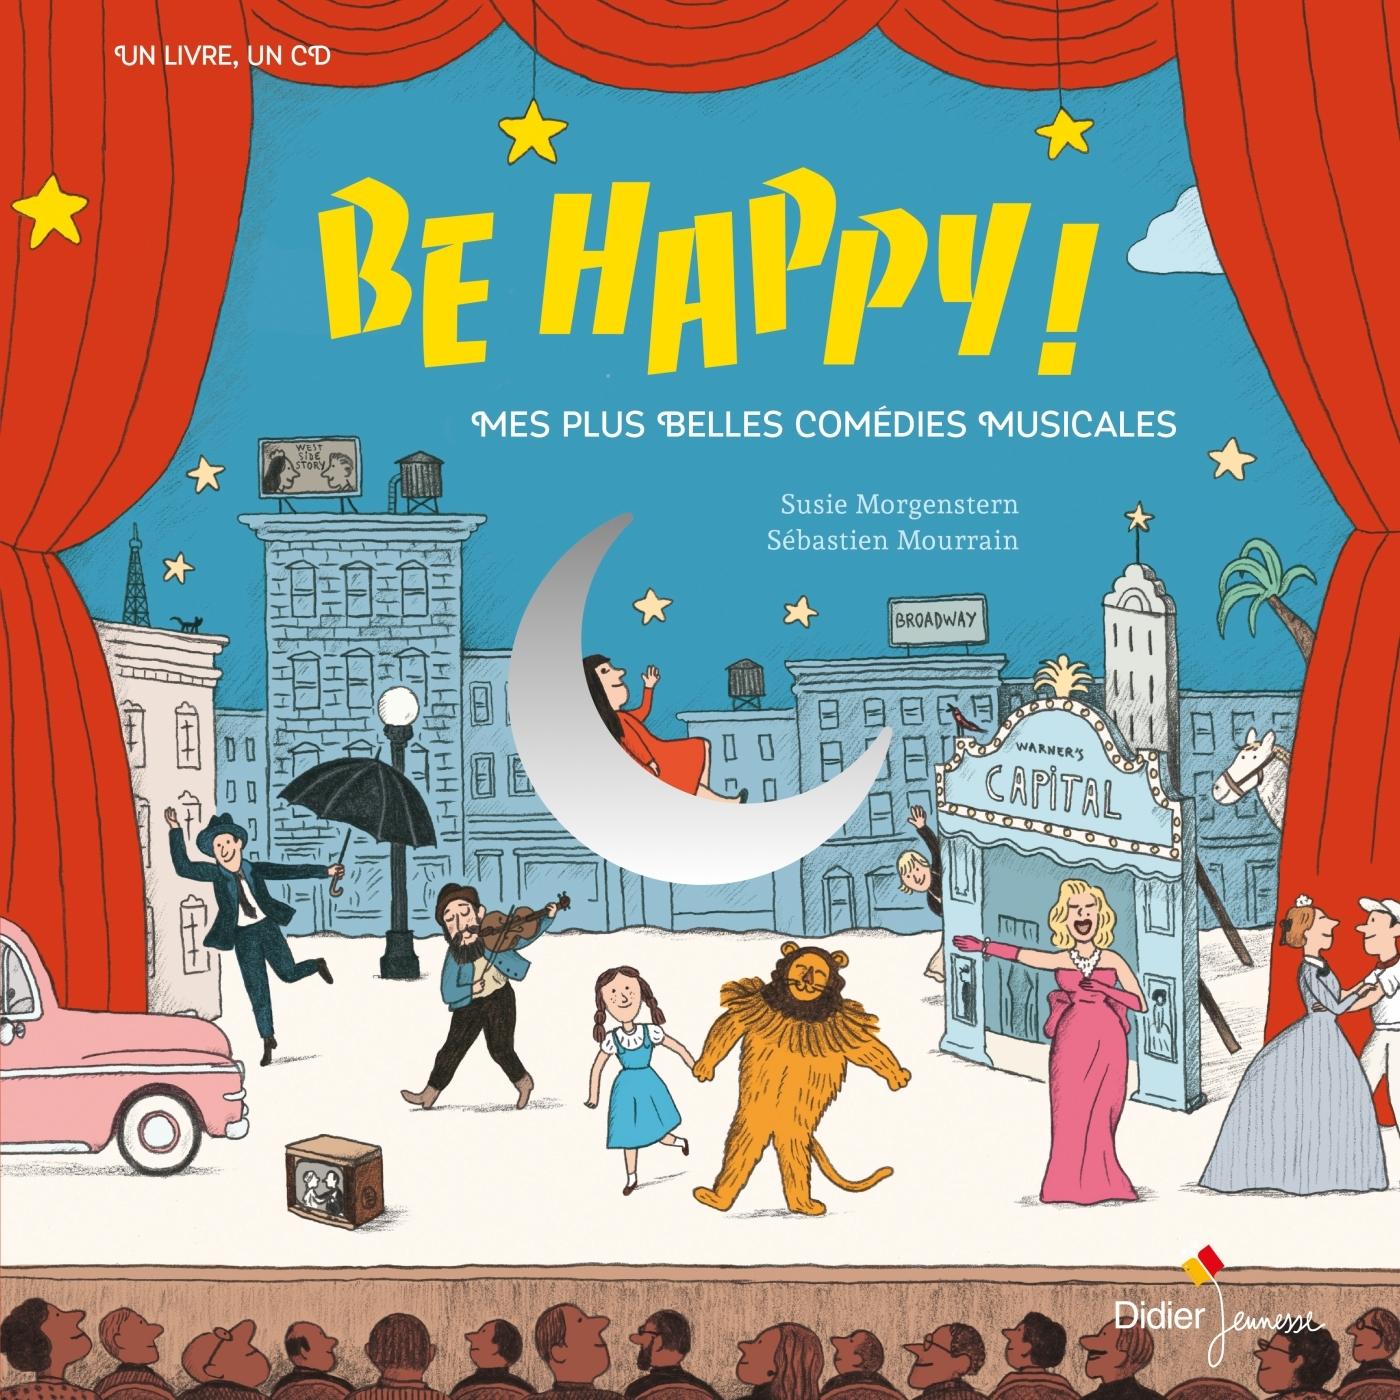 BE HAPPY! MES PLUS BELLES COMEDIES MUSICALES